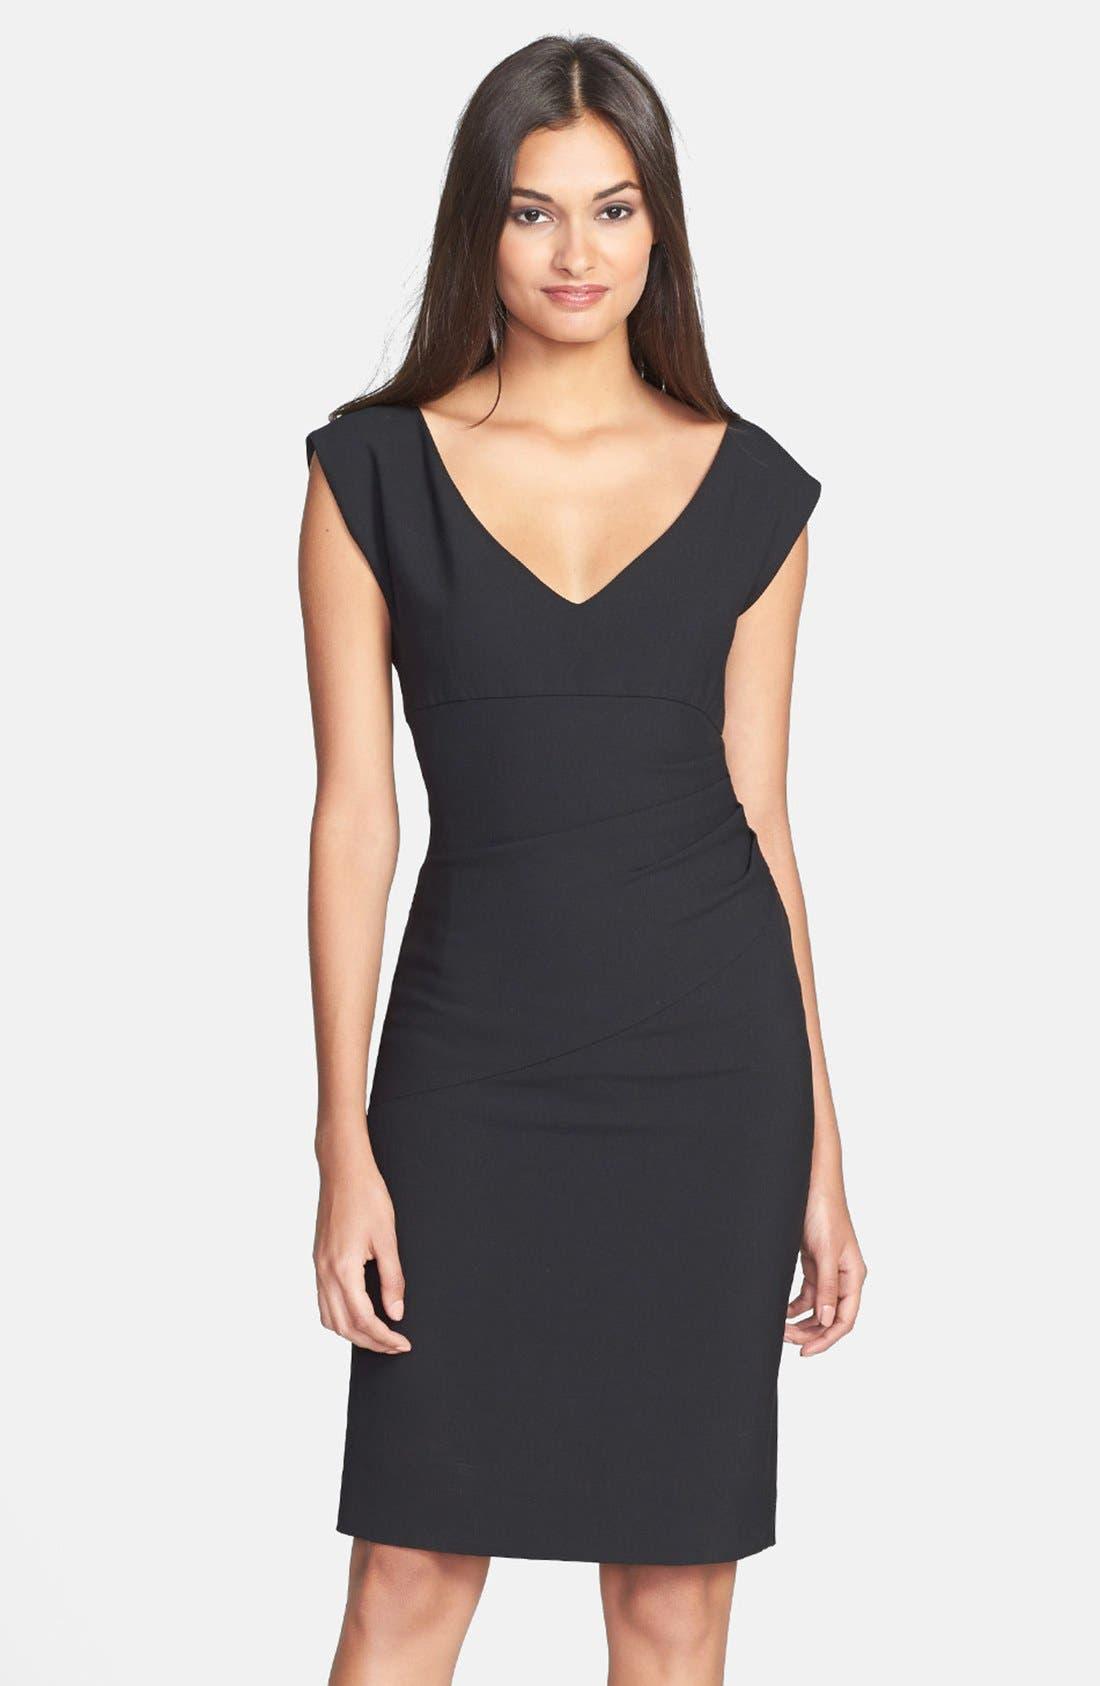 Alternate Image 1 Selected - Diane von Furstenberg 'Bevin' Ruched Knit Sheath Dress